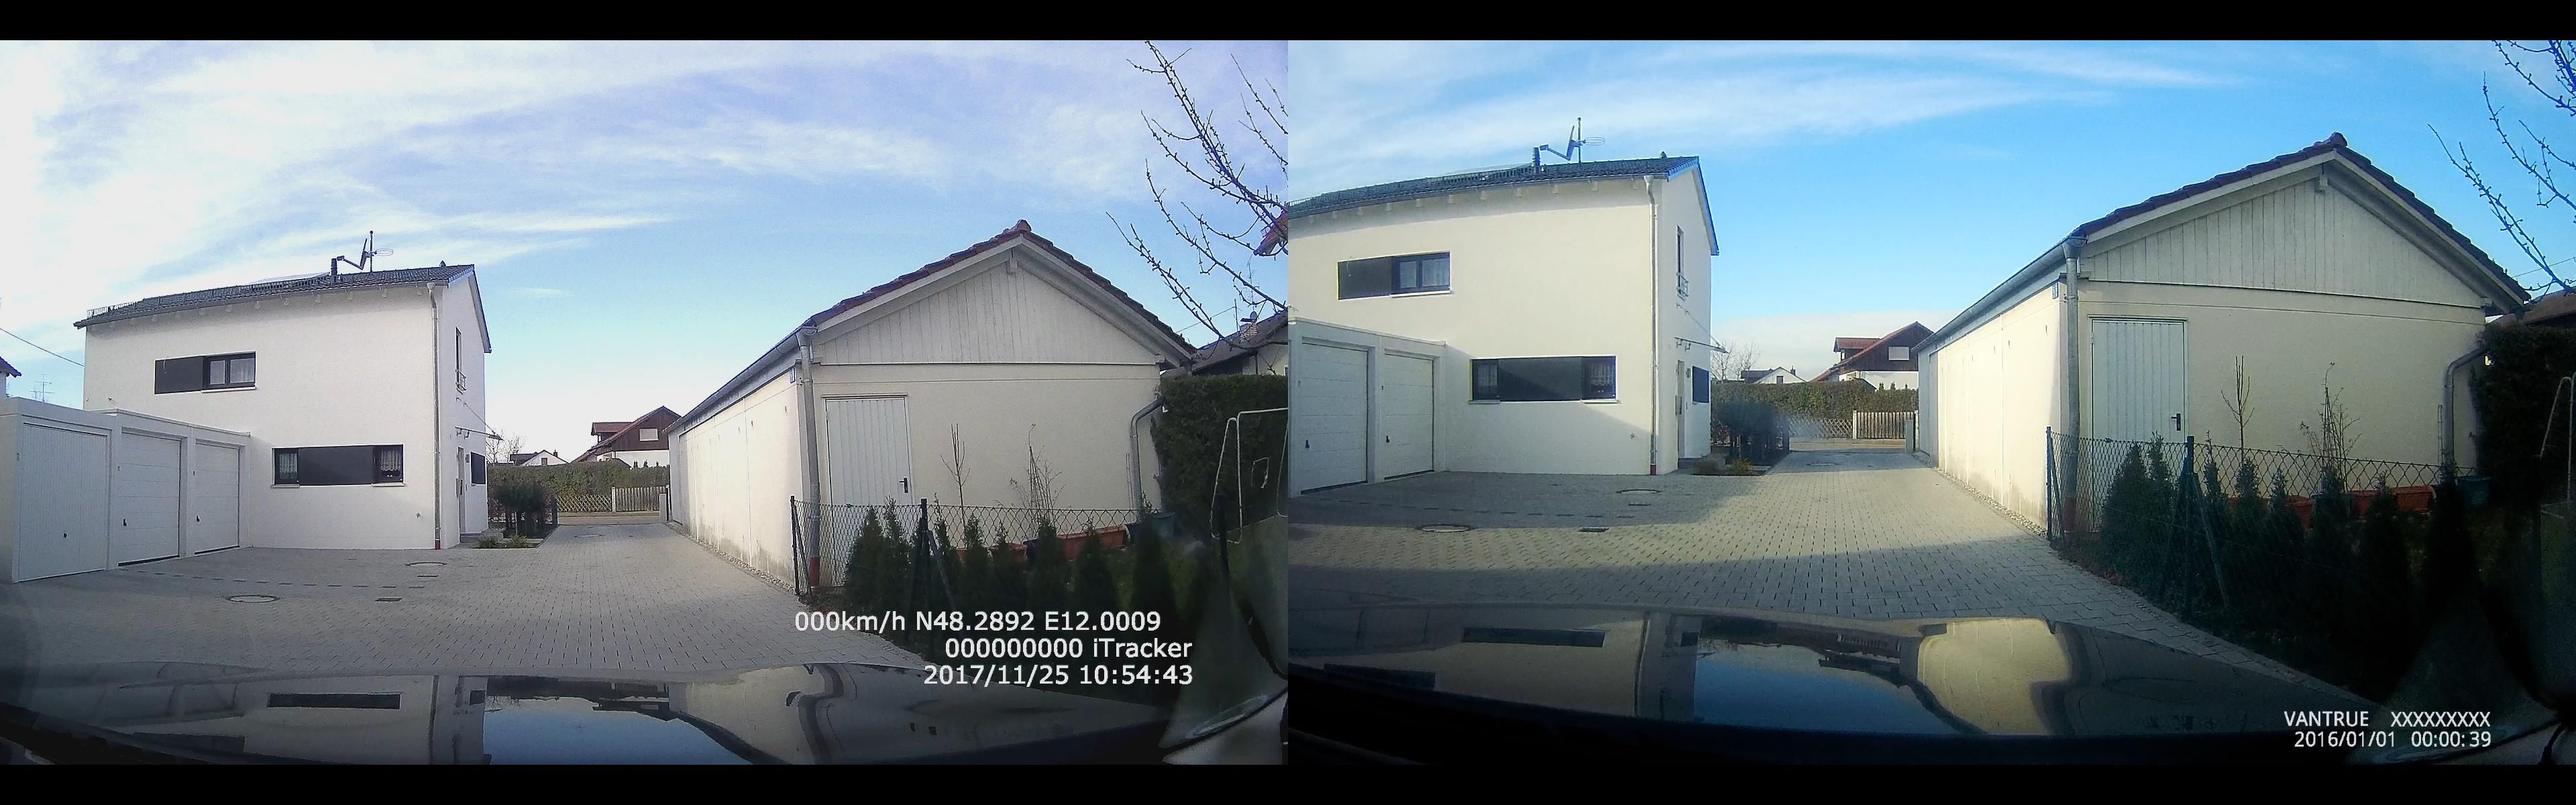 iTracker GS6000-A7 vs. Vantrue X3 - Vergleich der Aufnahmewinkel